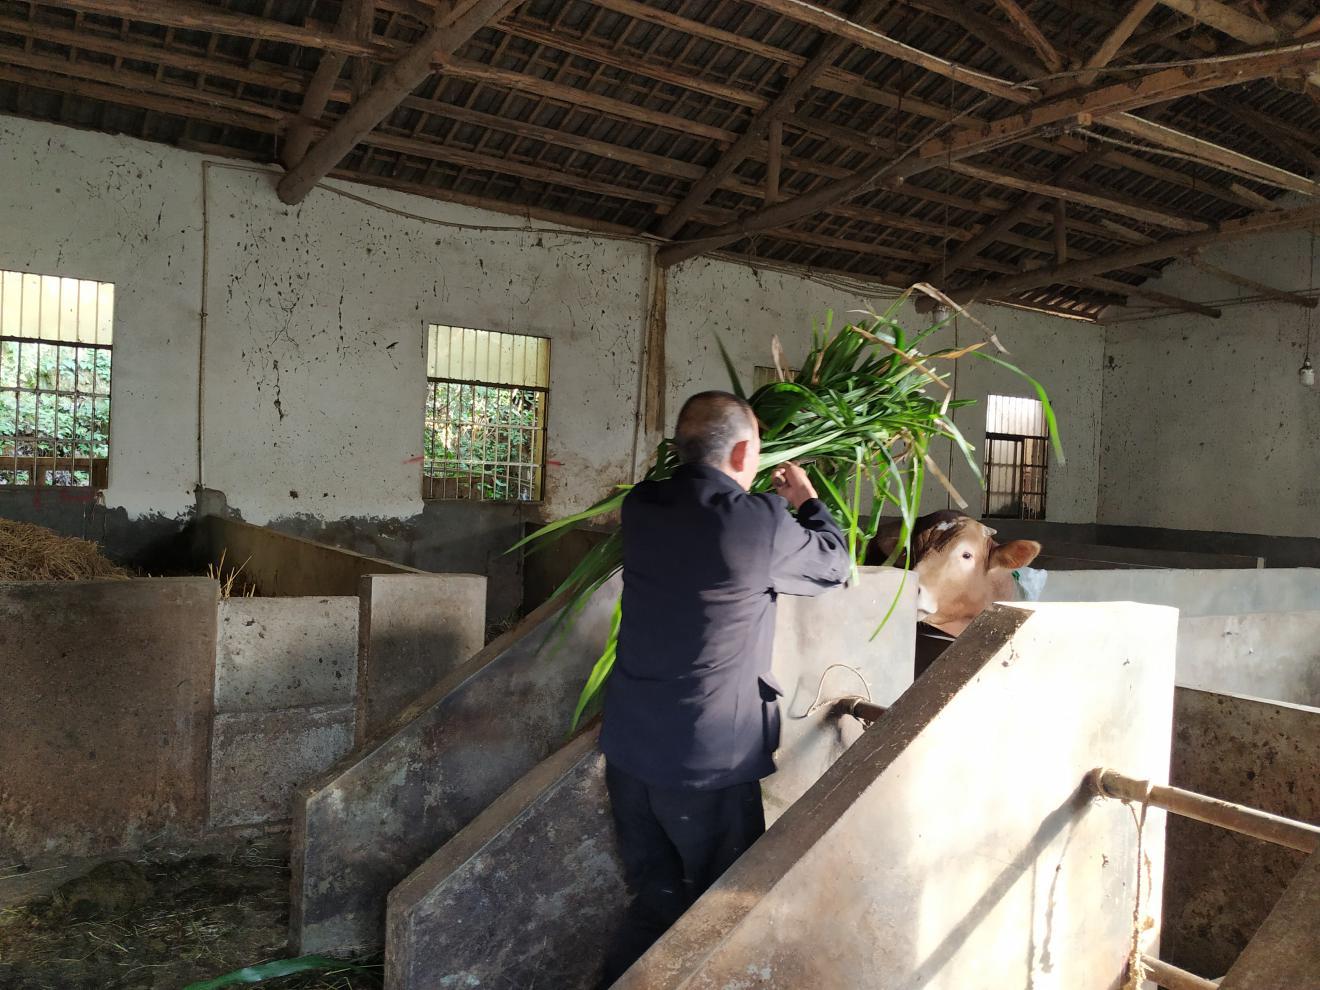 陈干武老人在家劳作。 安沙镇宋家桥村供图